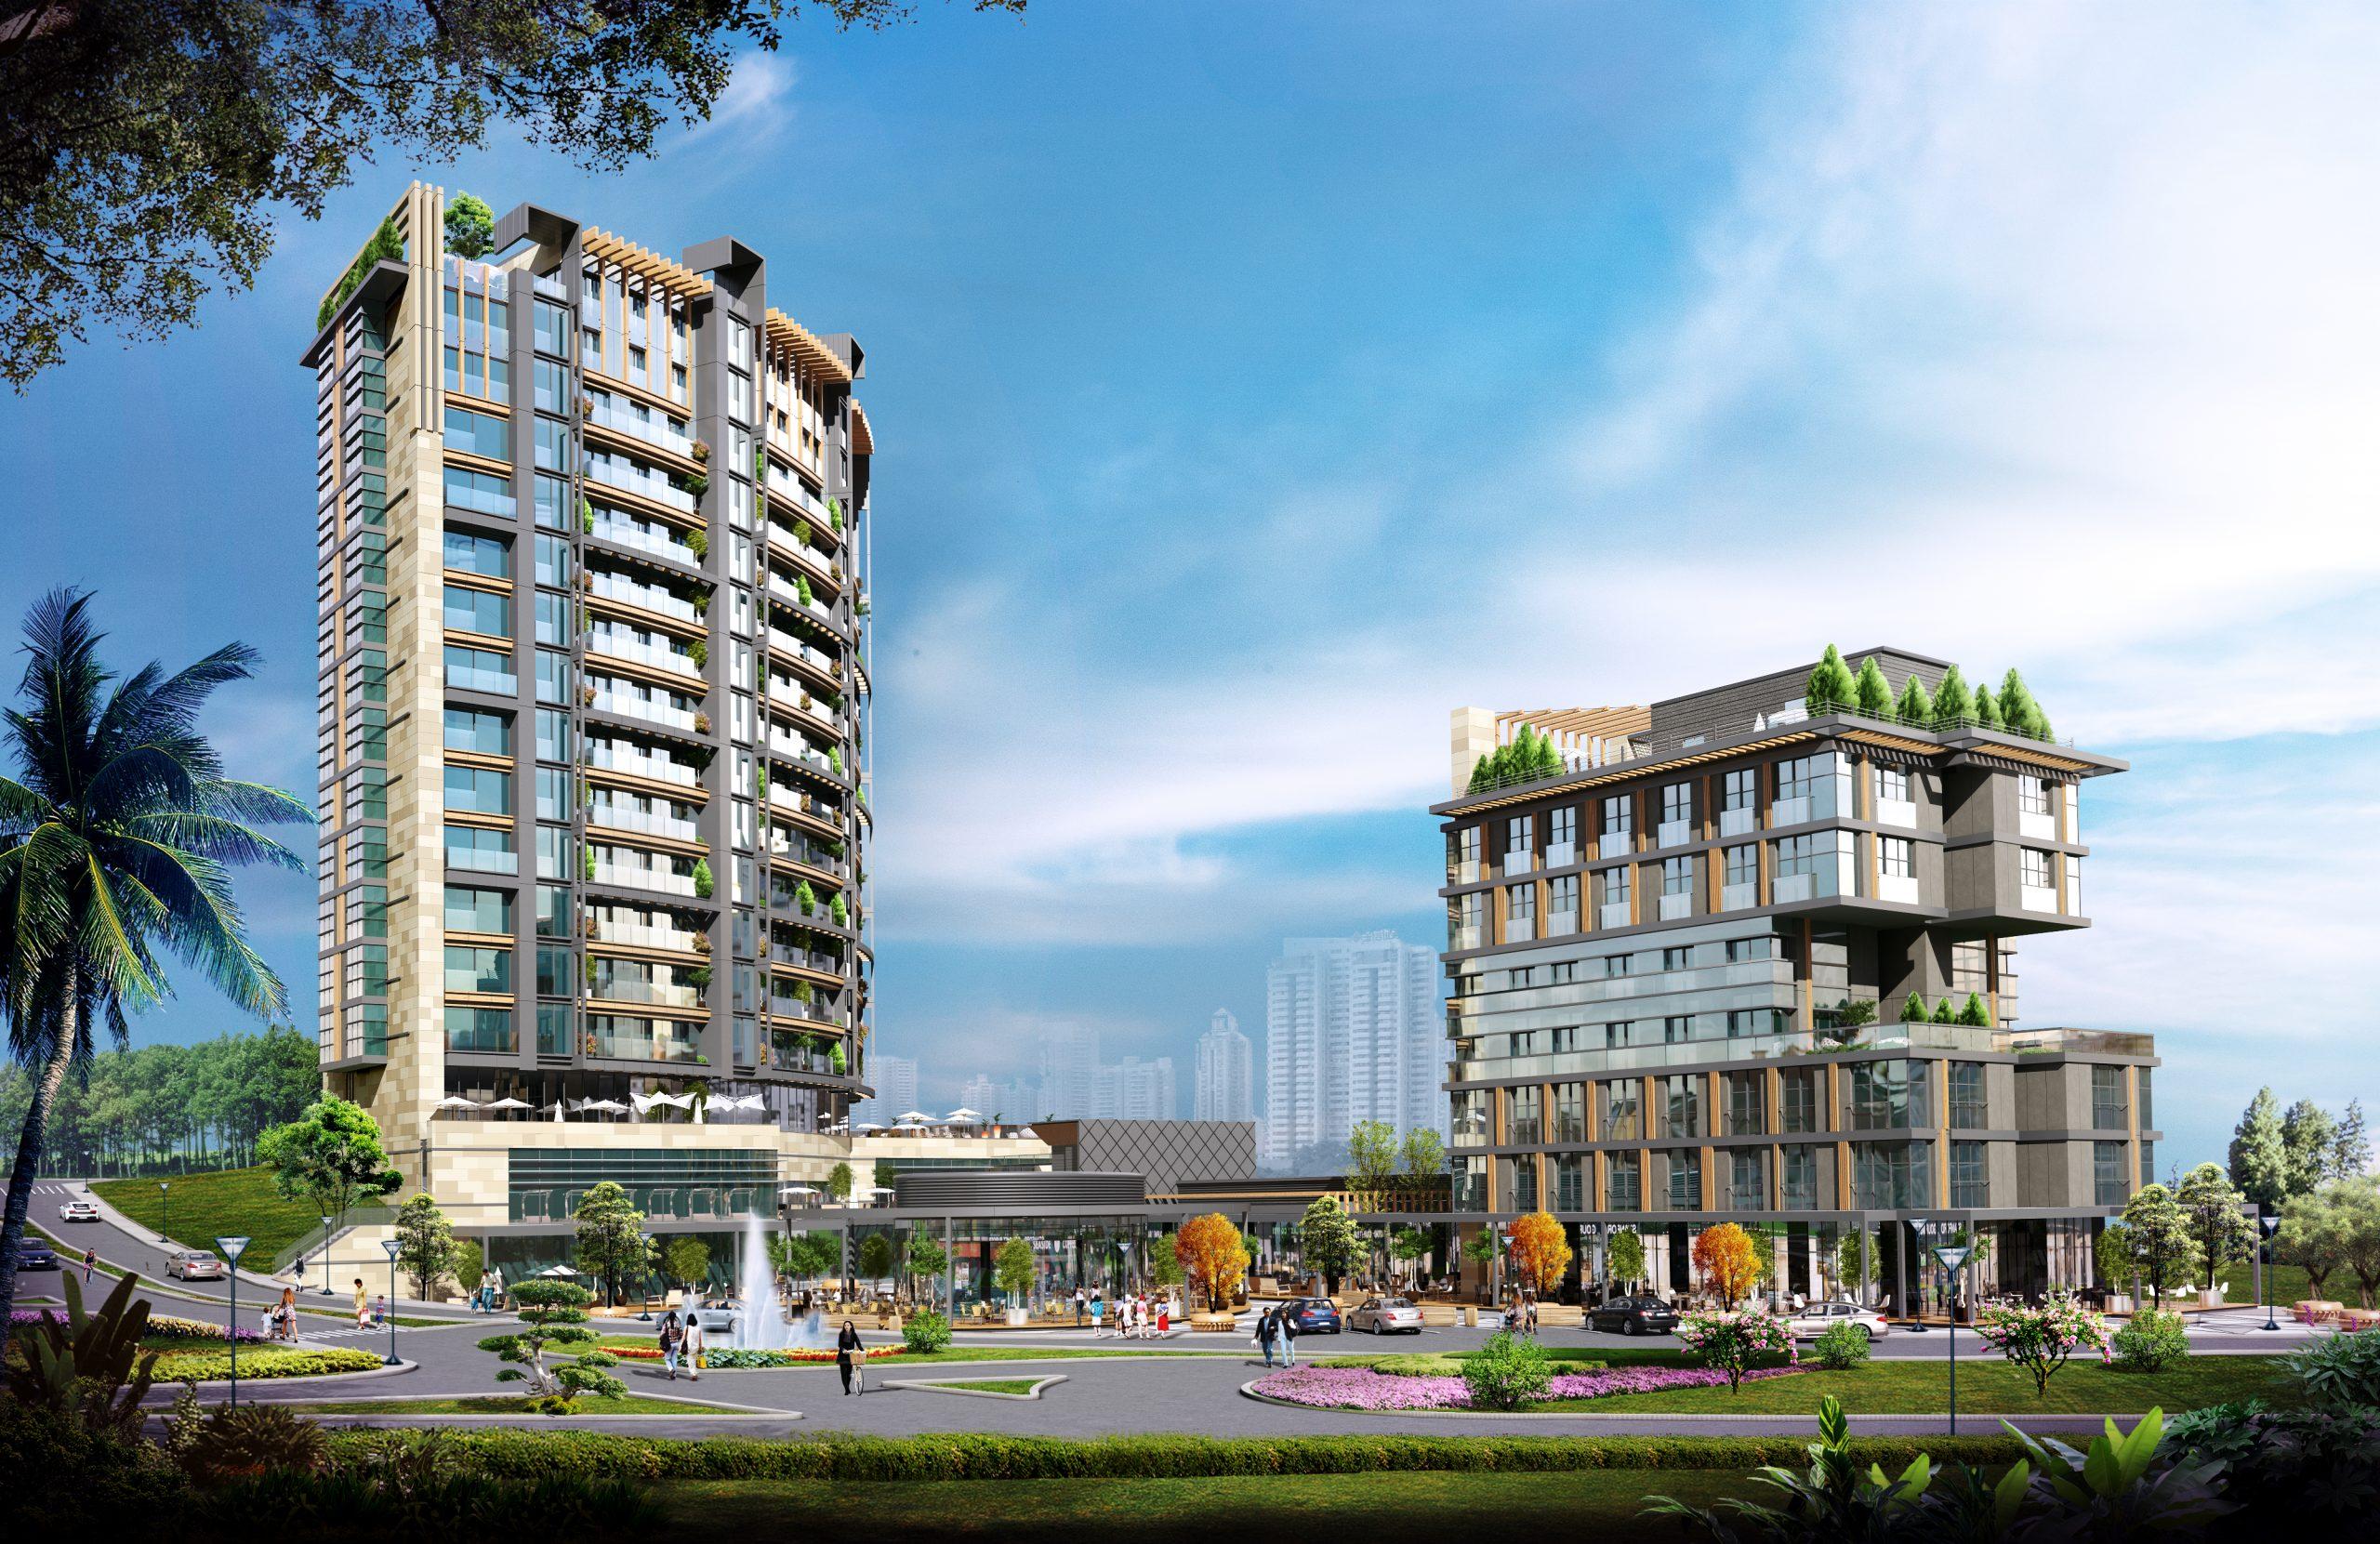 شقق سكنية للبيع في كاديكوي اسطنبول الآسيوية